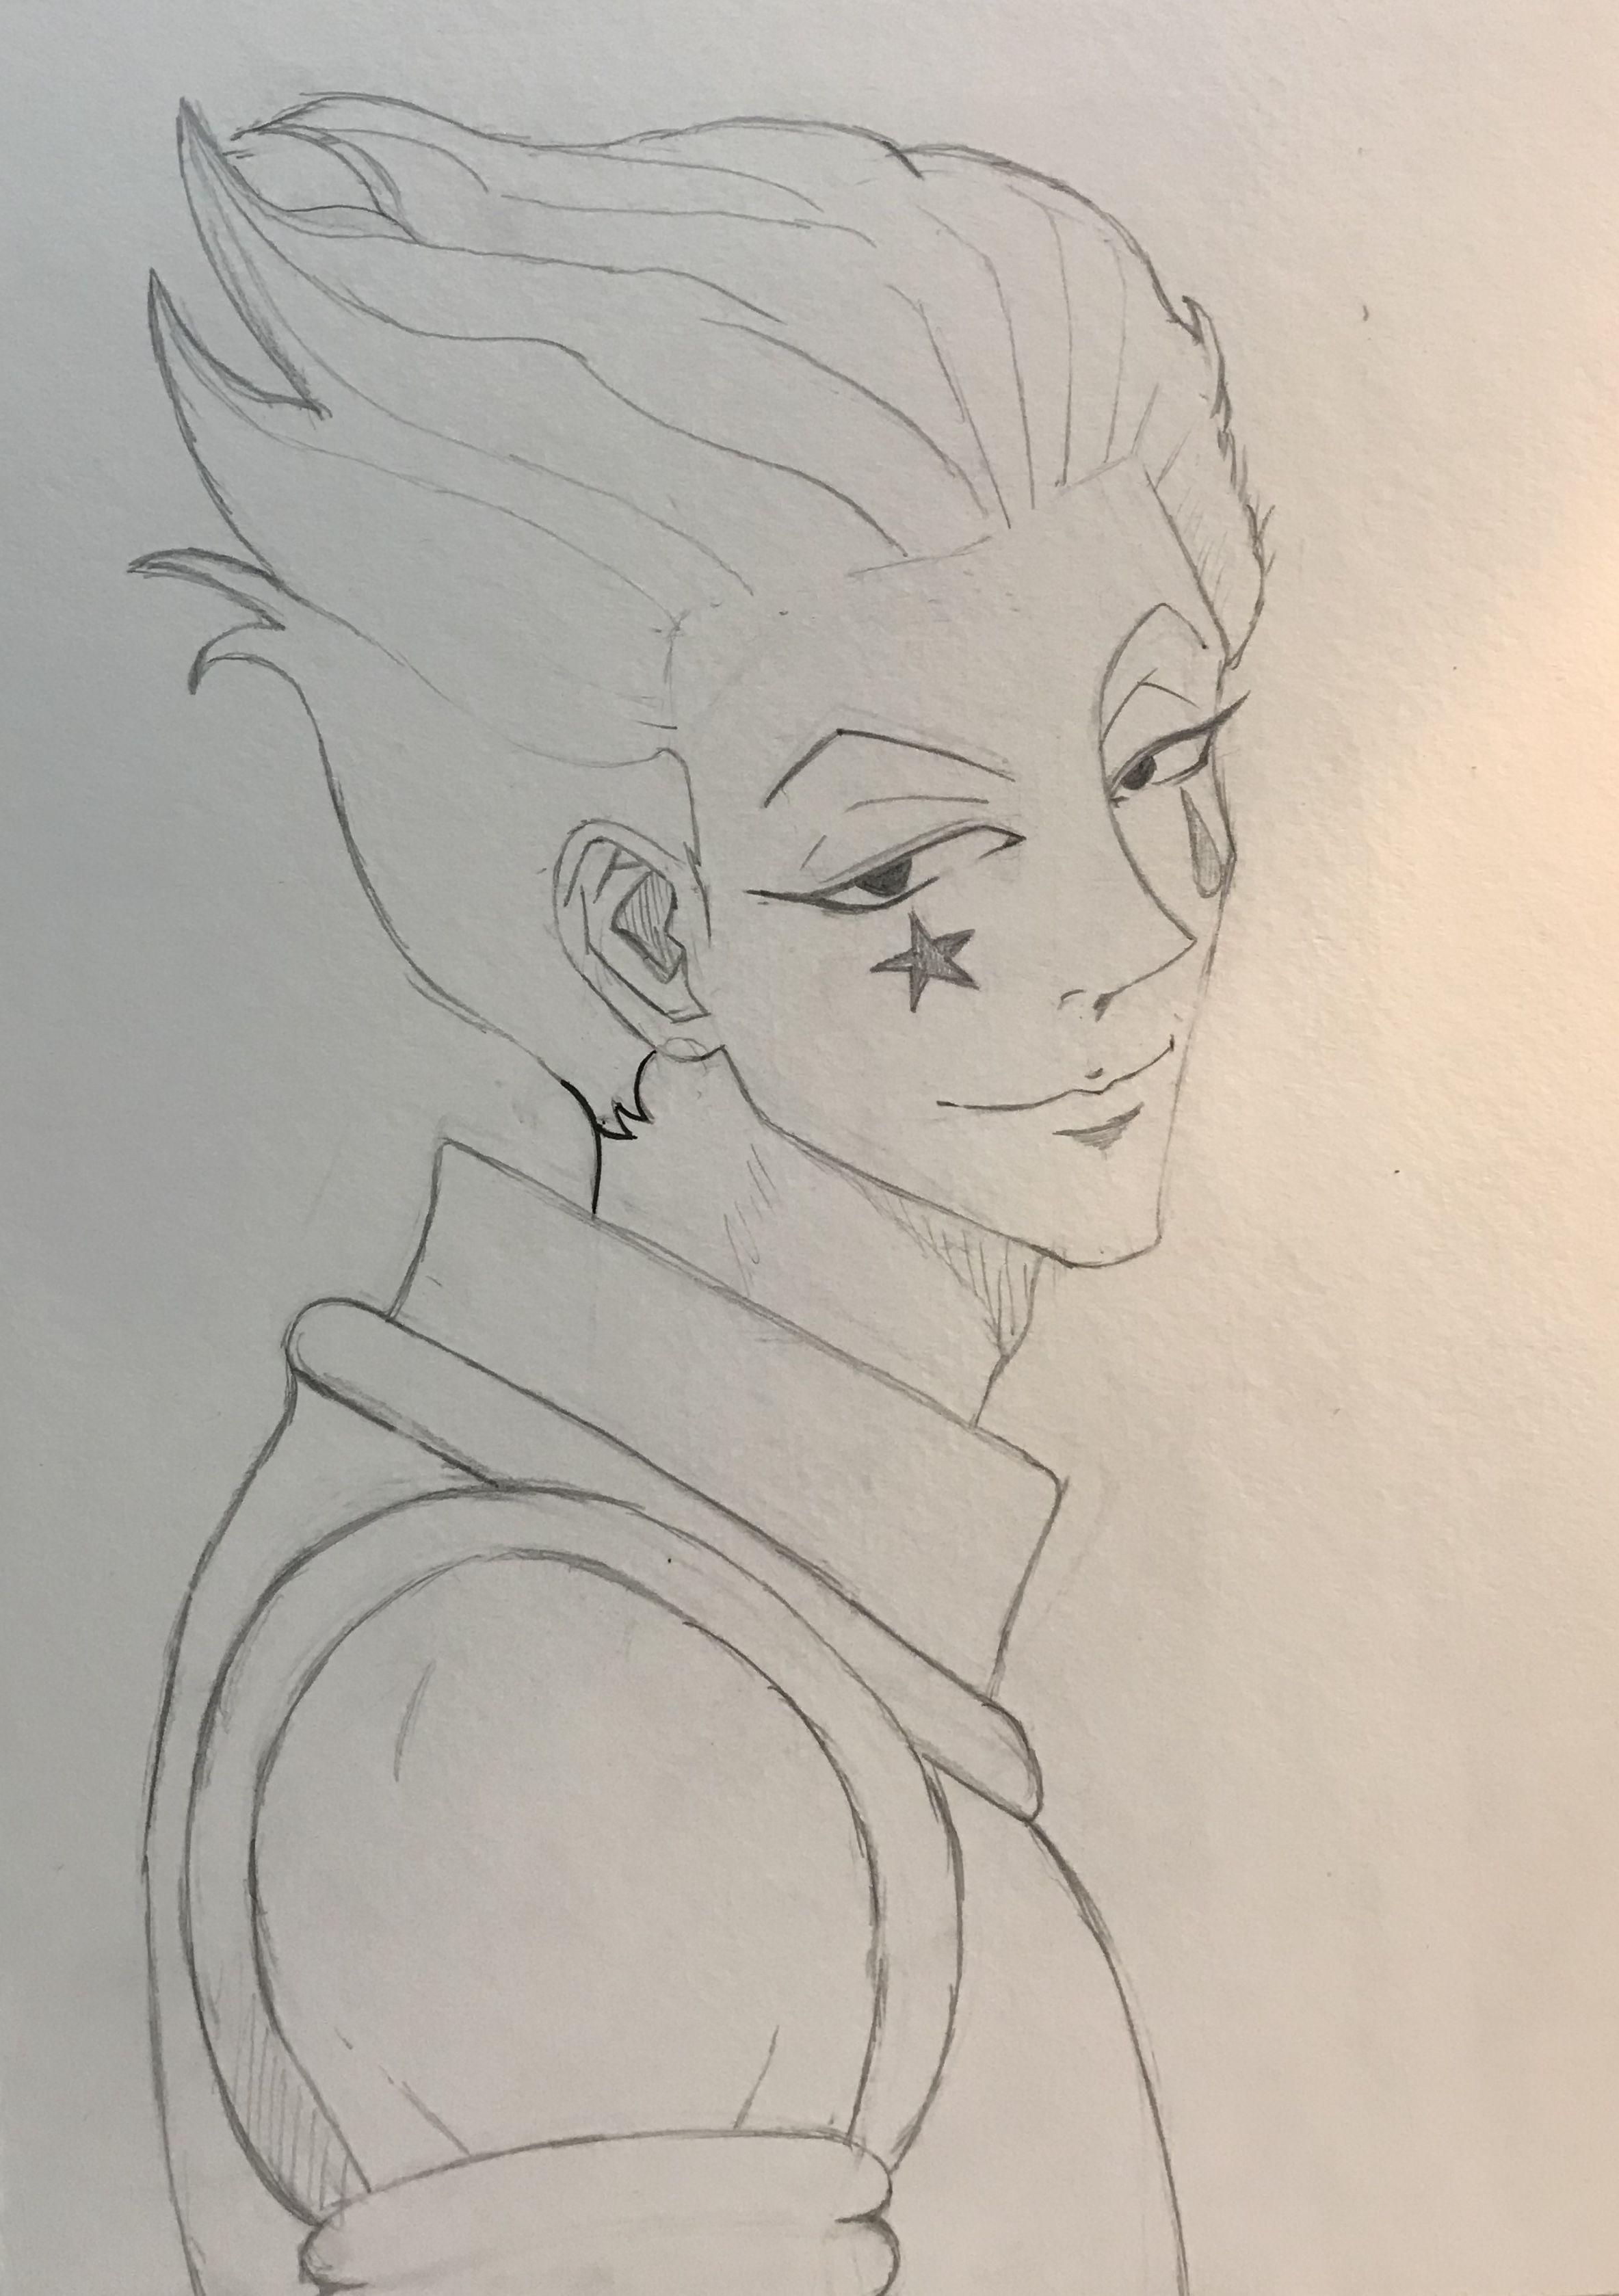 Hisoka Hunterxhunter Illustration Drawing Sketch My Drawings Drawings Pencil Drawings